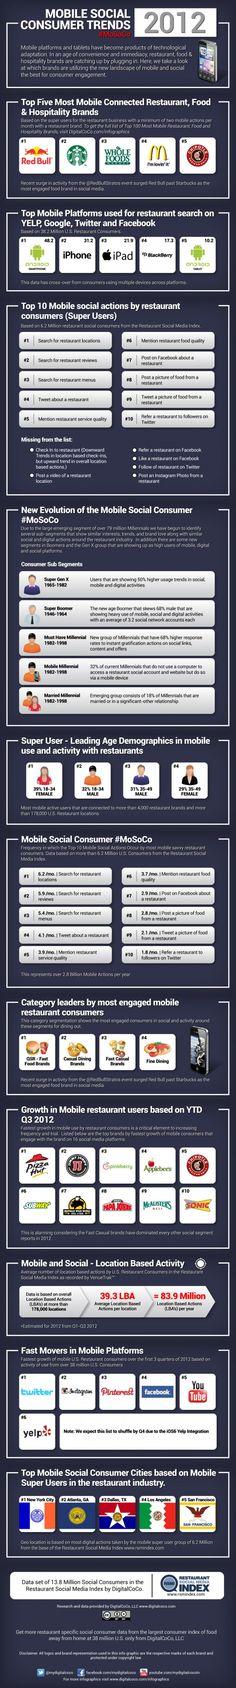 Social Mobile Trends 2012: le tendenze dei consumatori, l'infografica